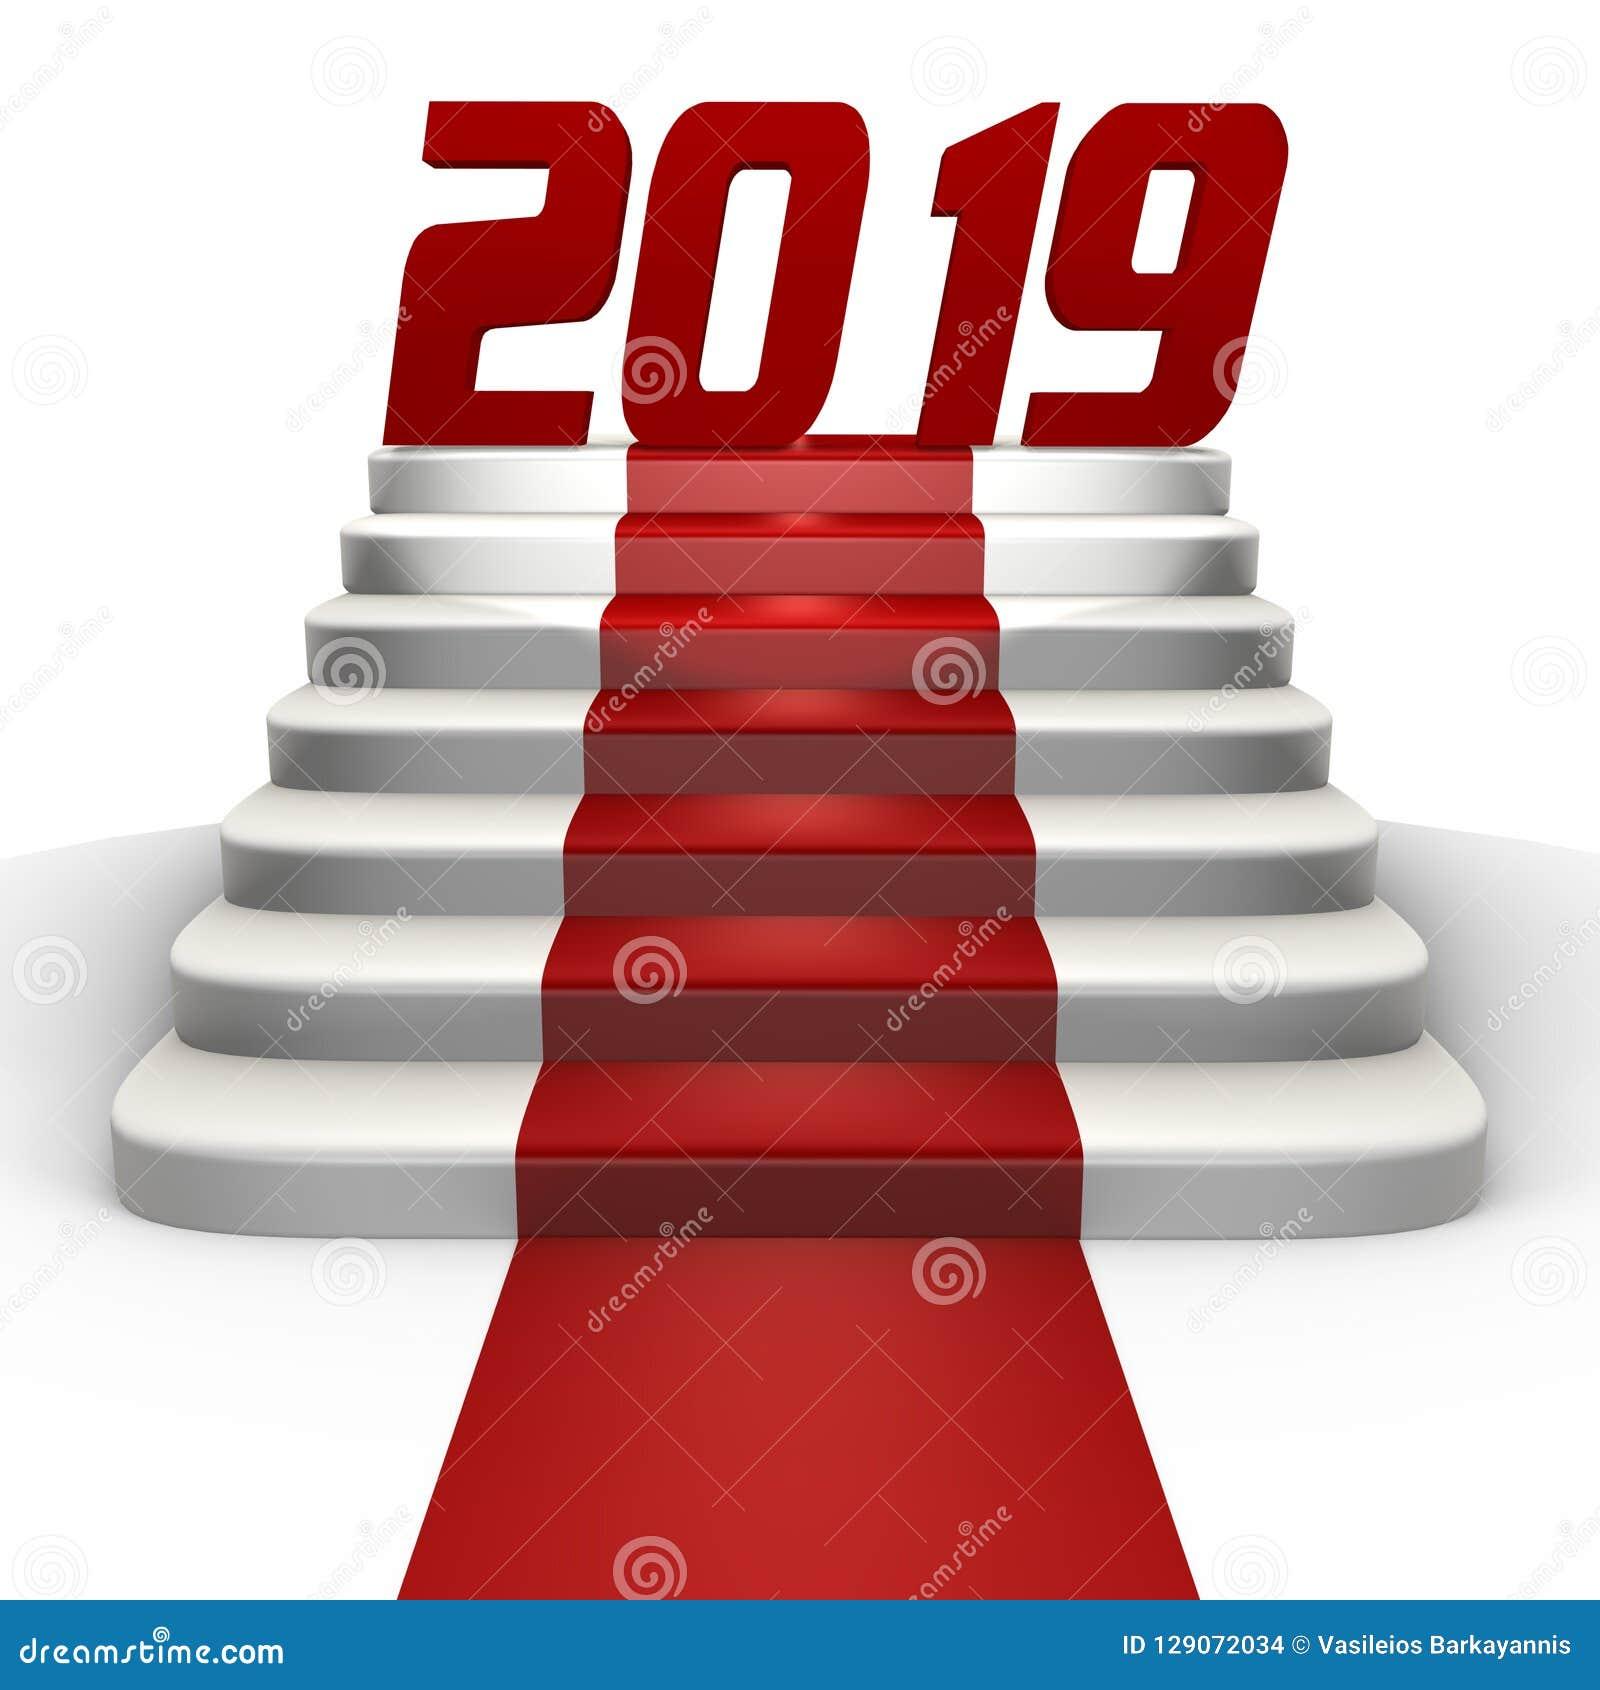 Nouvelle année 2019 sur un tapis rouge - une image 3d